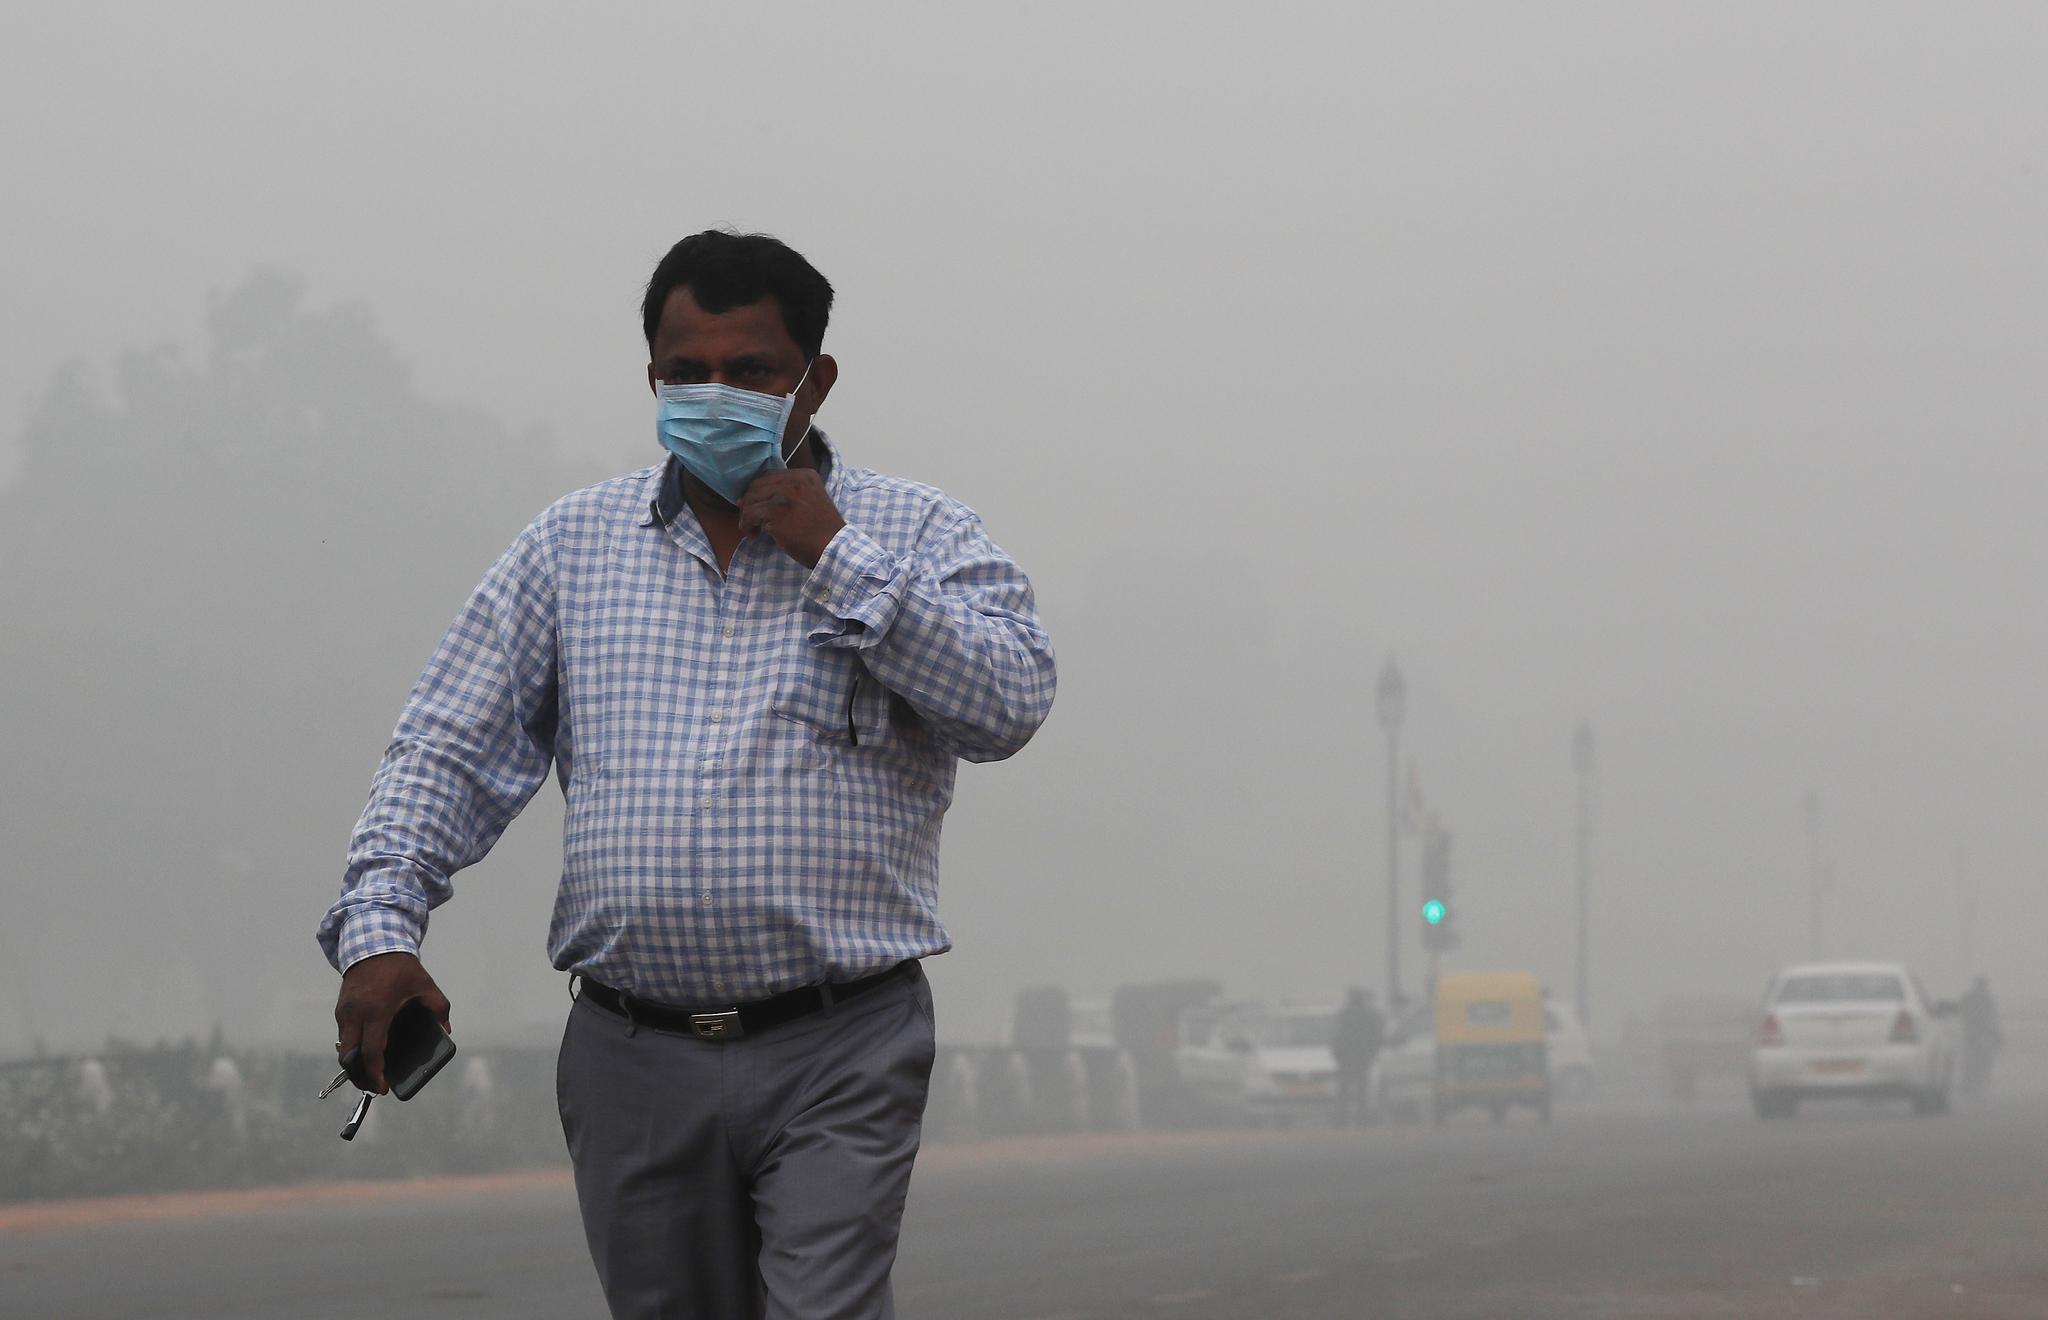 지난 3일 짙은 스모그가 낀 인도 뉴델리 거리를 마스크를 쓴 시민이 걷고 있다. [로이터=연합]